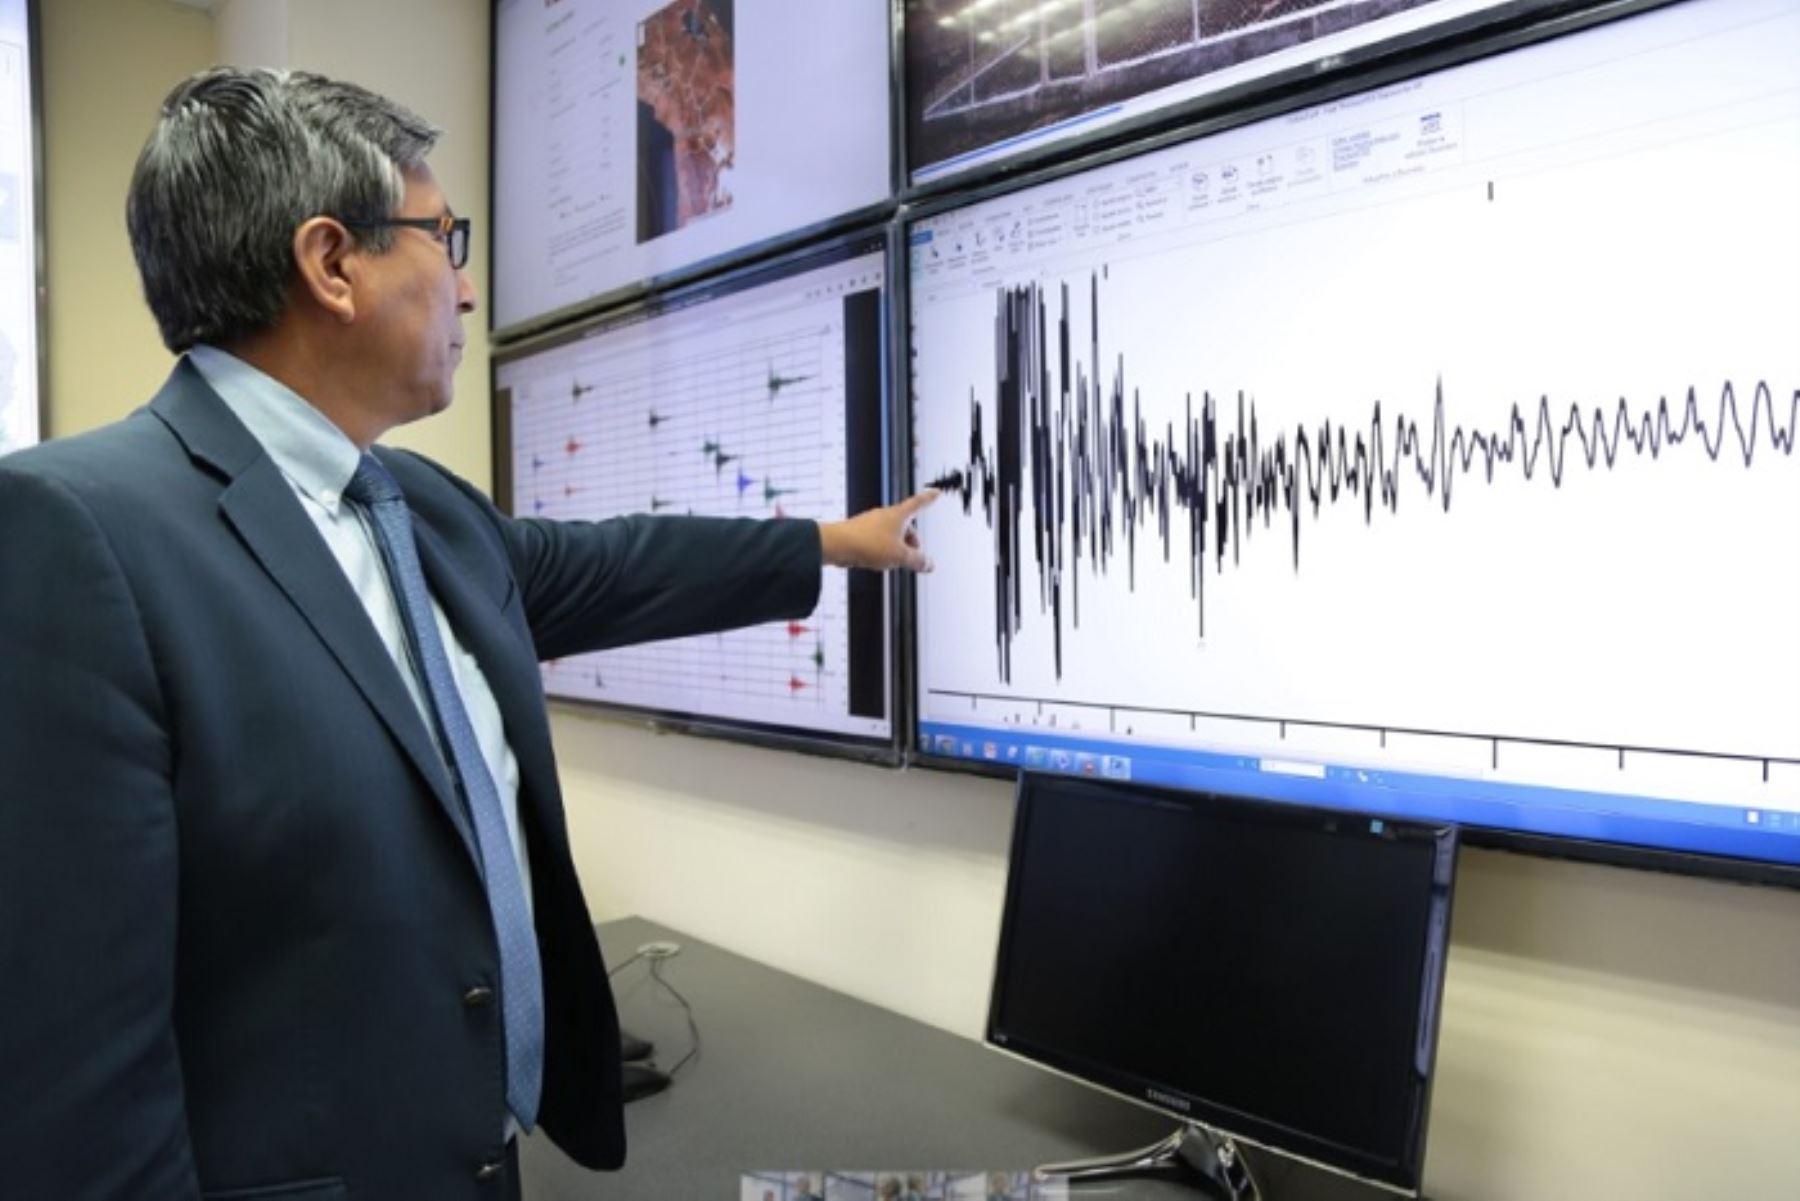 Como el IGP posee una mayor cantidad de sensores que están cubriendo practicante todo el país, ahora registran sismos con magnitudes muy pequeñas y de los que son percibidos por la población se hace el recojo de los datos y el cálculo de los parámetros porcentuales en tiempo reducido.